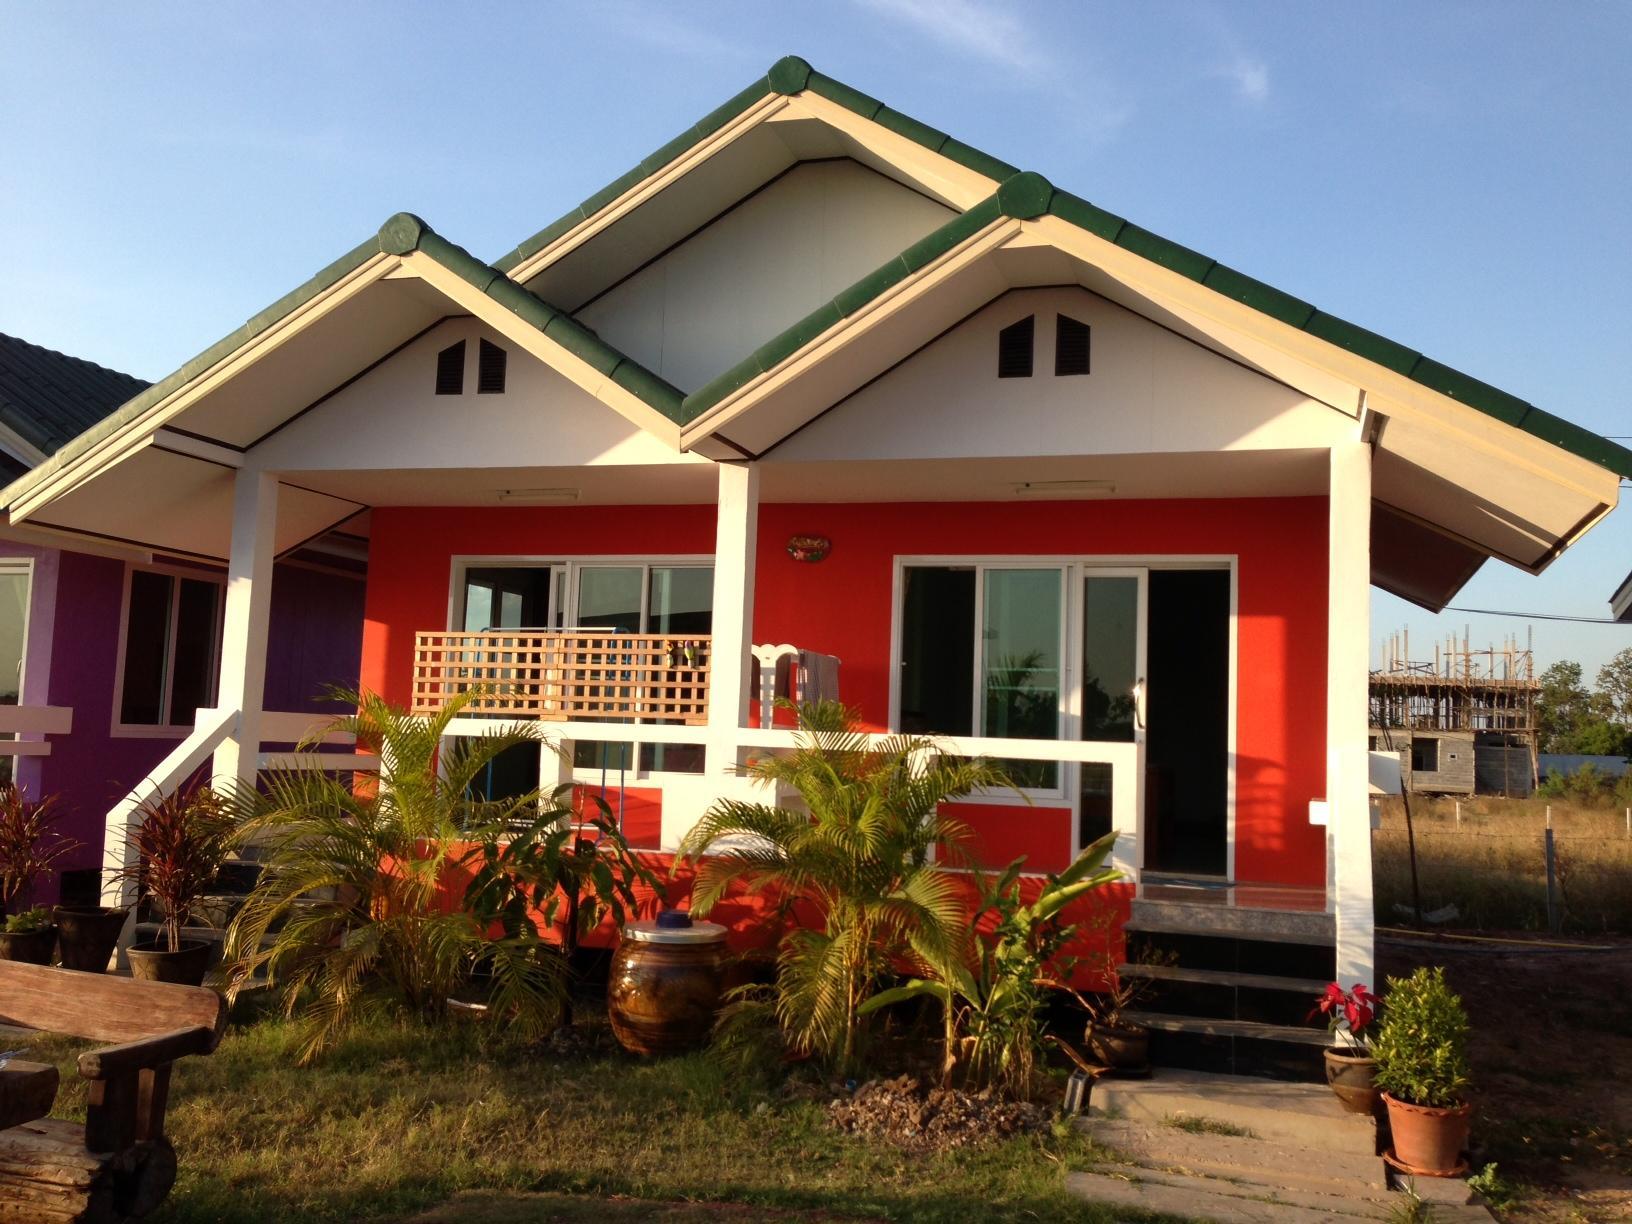 Hotell Rombaramee Villa   Resort i , Khao Yai / Nakhonratchasima. Klicka för att läsa mer och skicka bokningsförfrågan